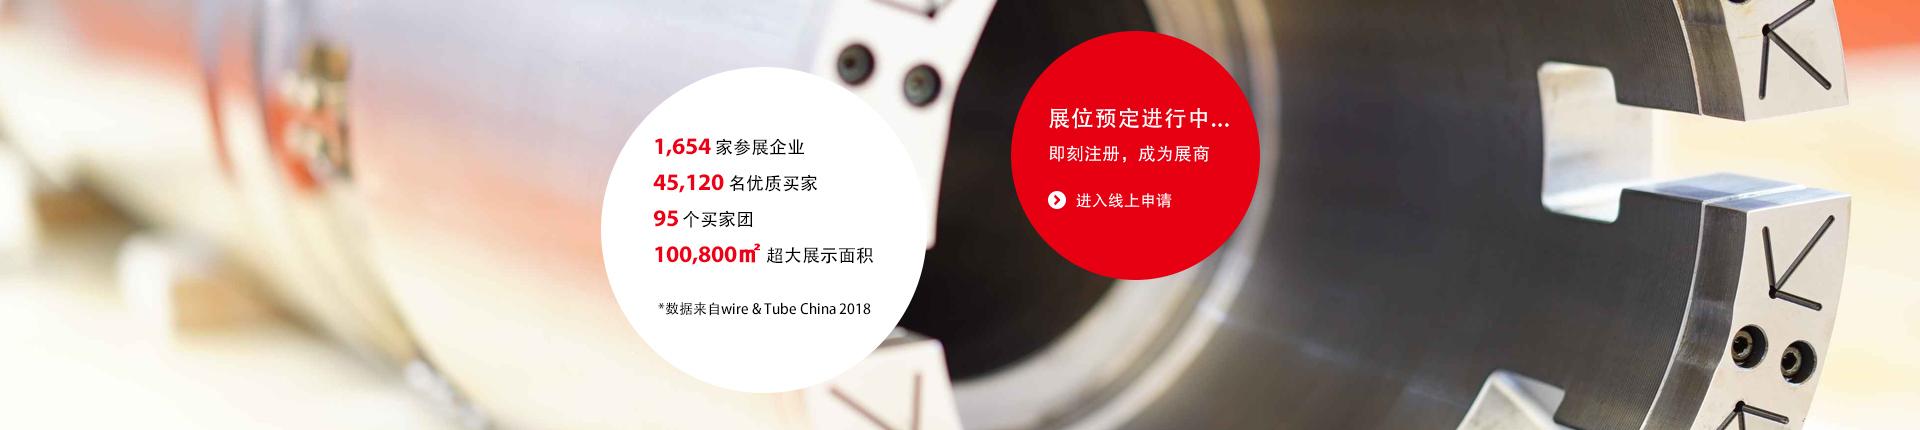 中国国际ManBetX登陆展览会